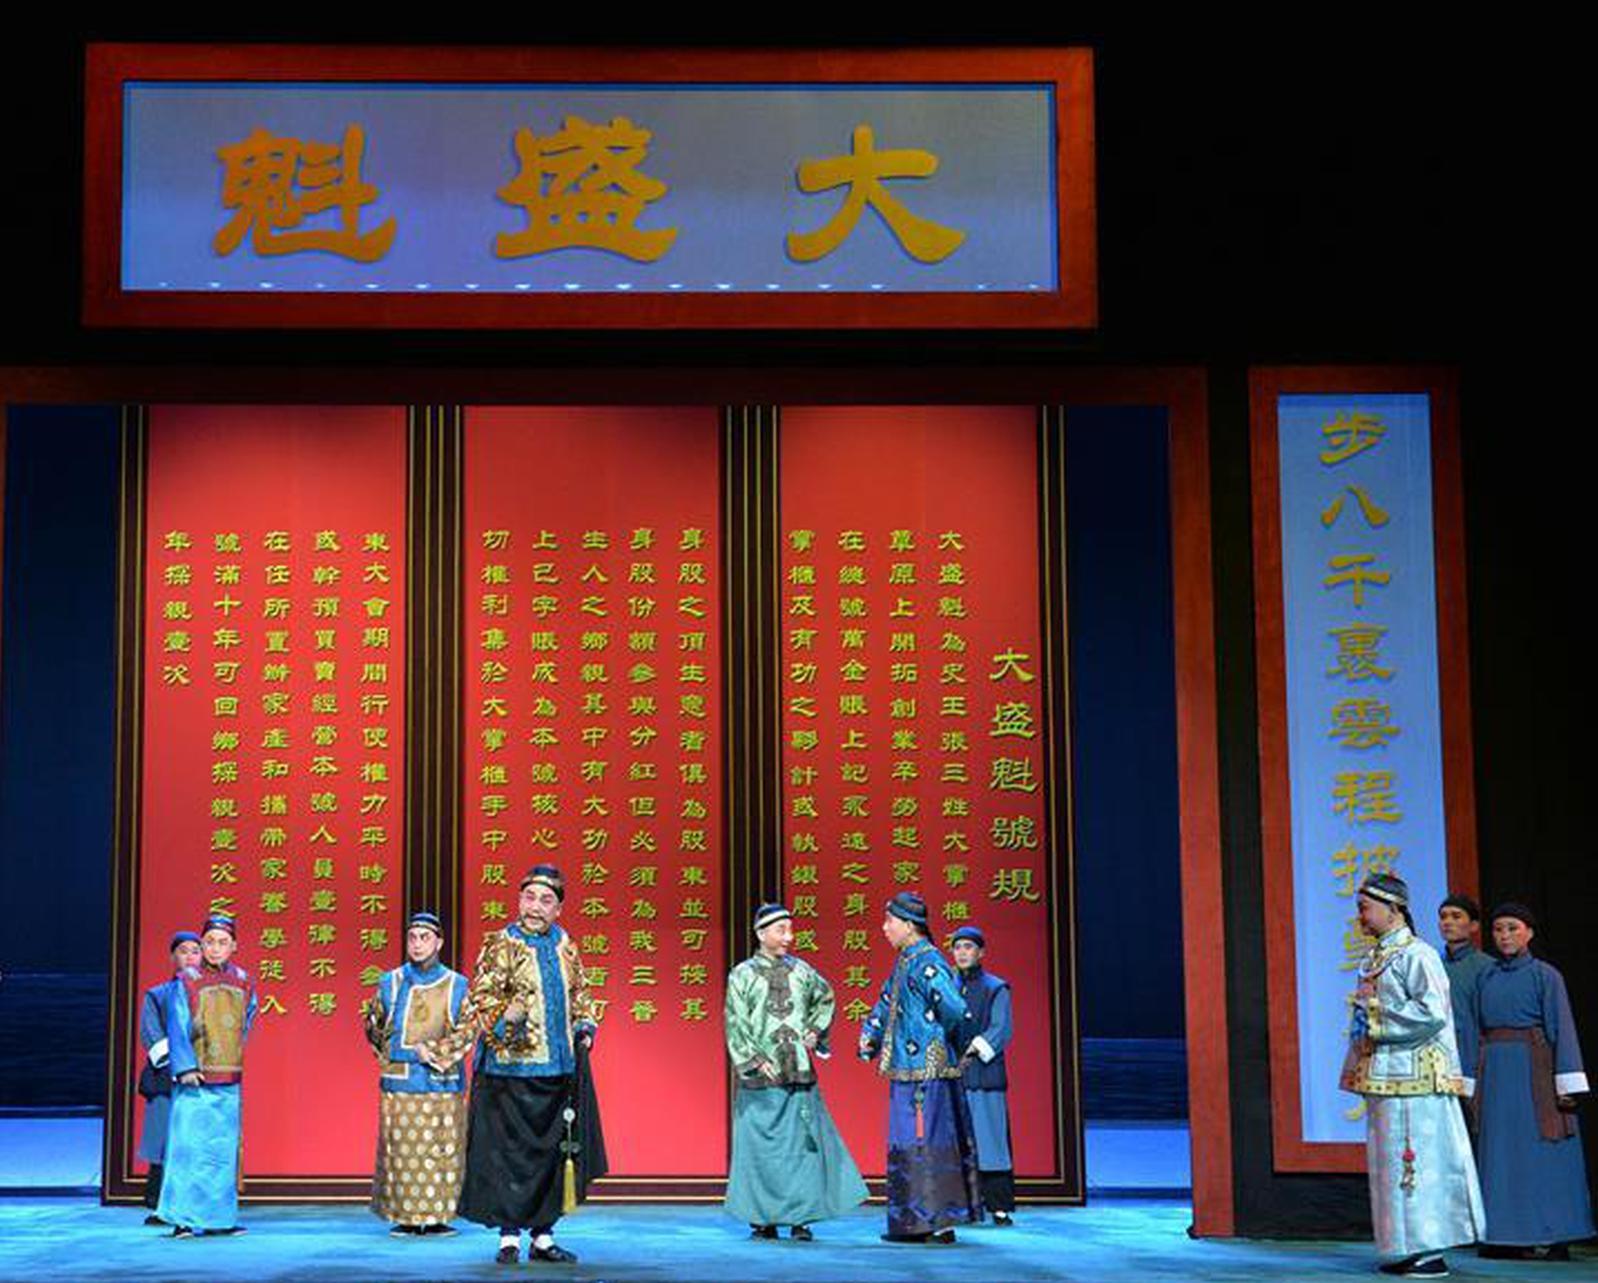 京剧《大盛魁》在呼和浩特首演